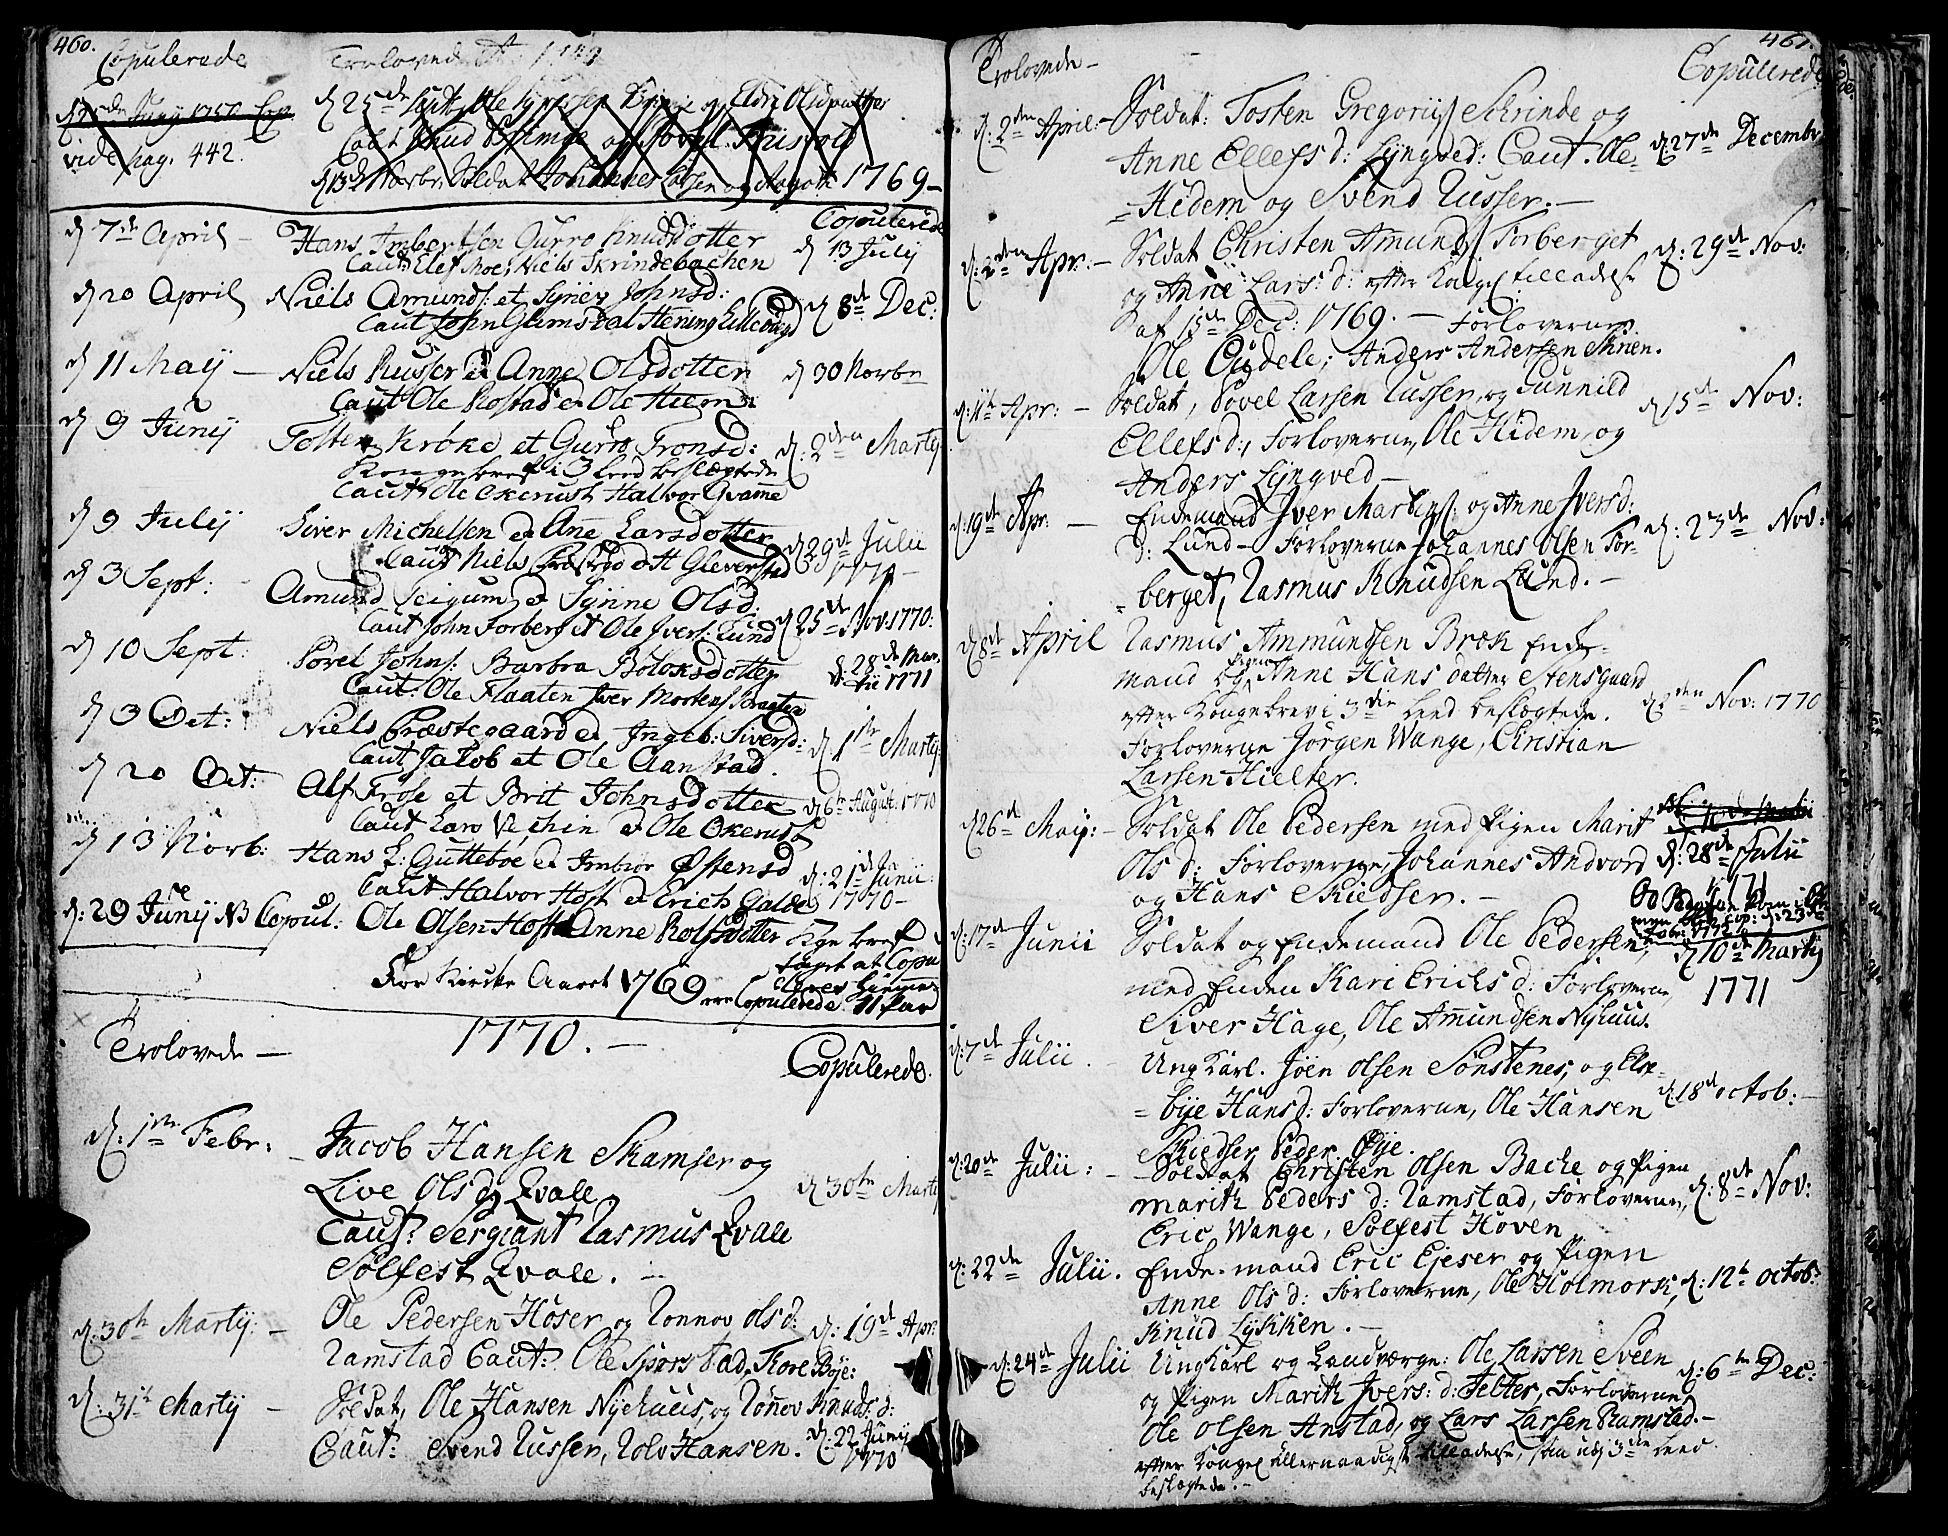 SAH, Lom prestekontor, K/L0002: Ministerialbok nr. 2, 1749-1801, s. 460-461